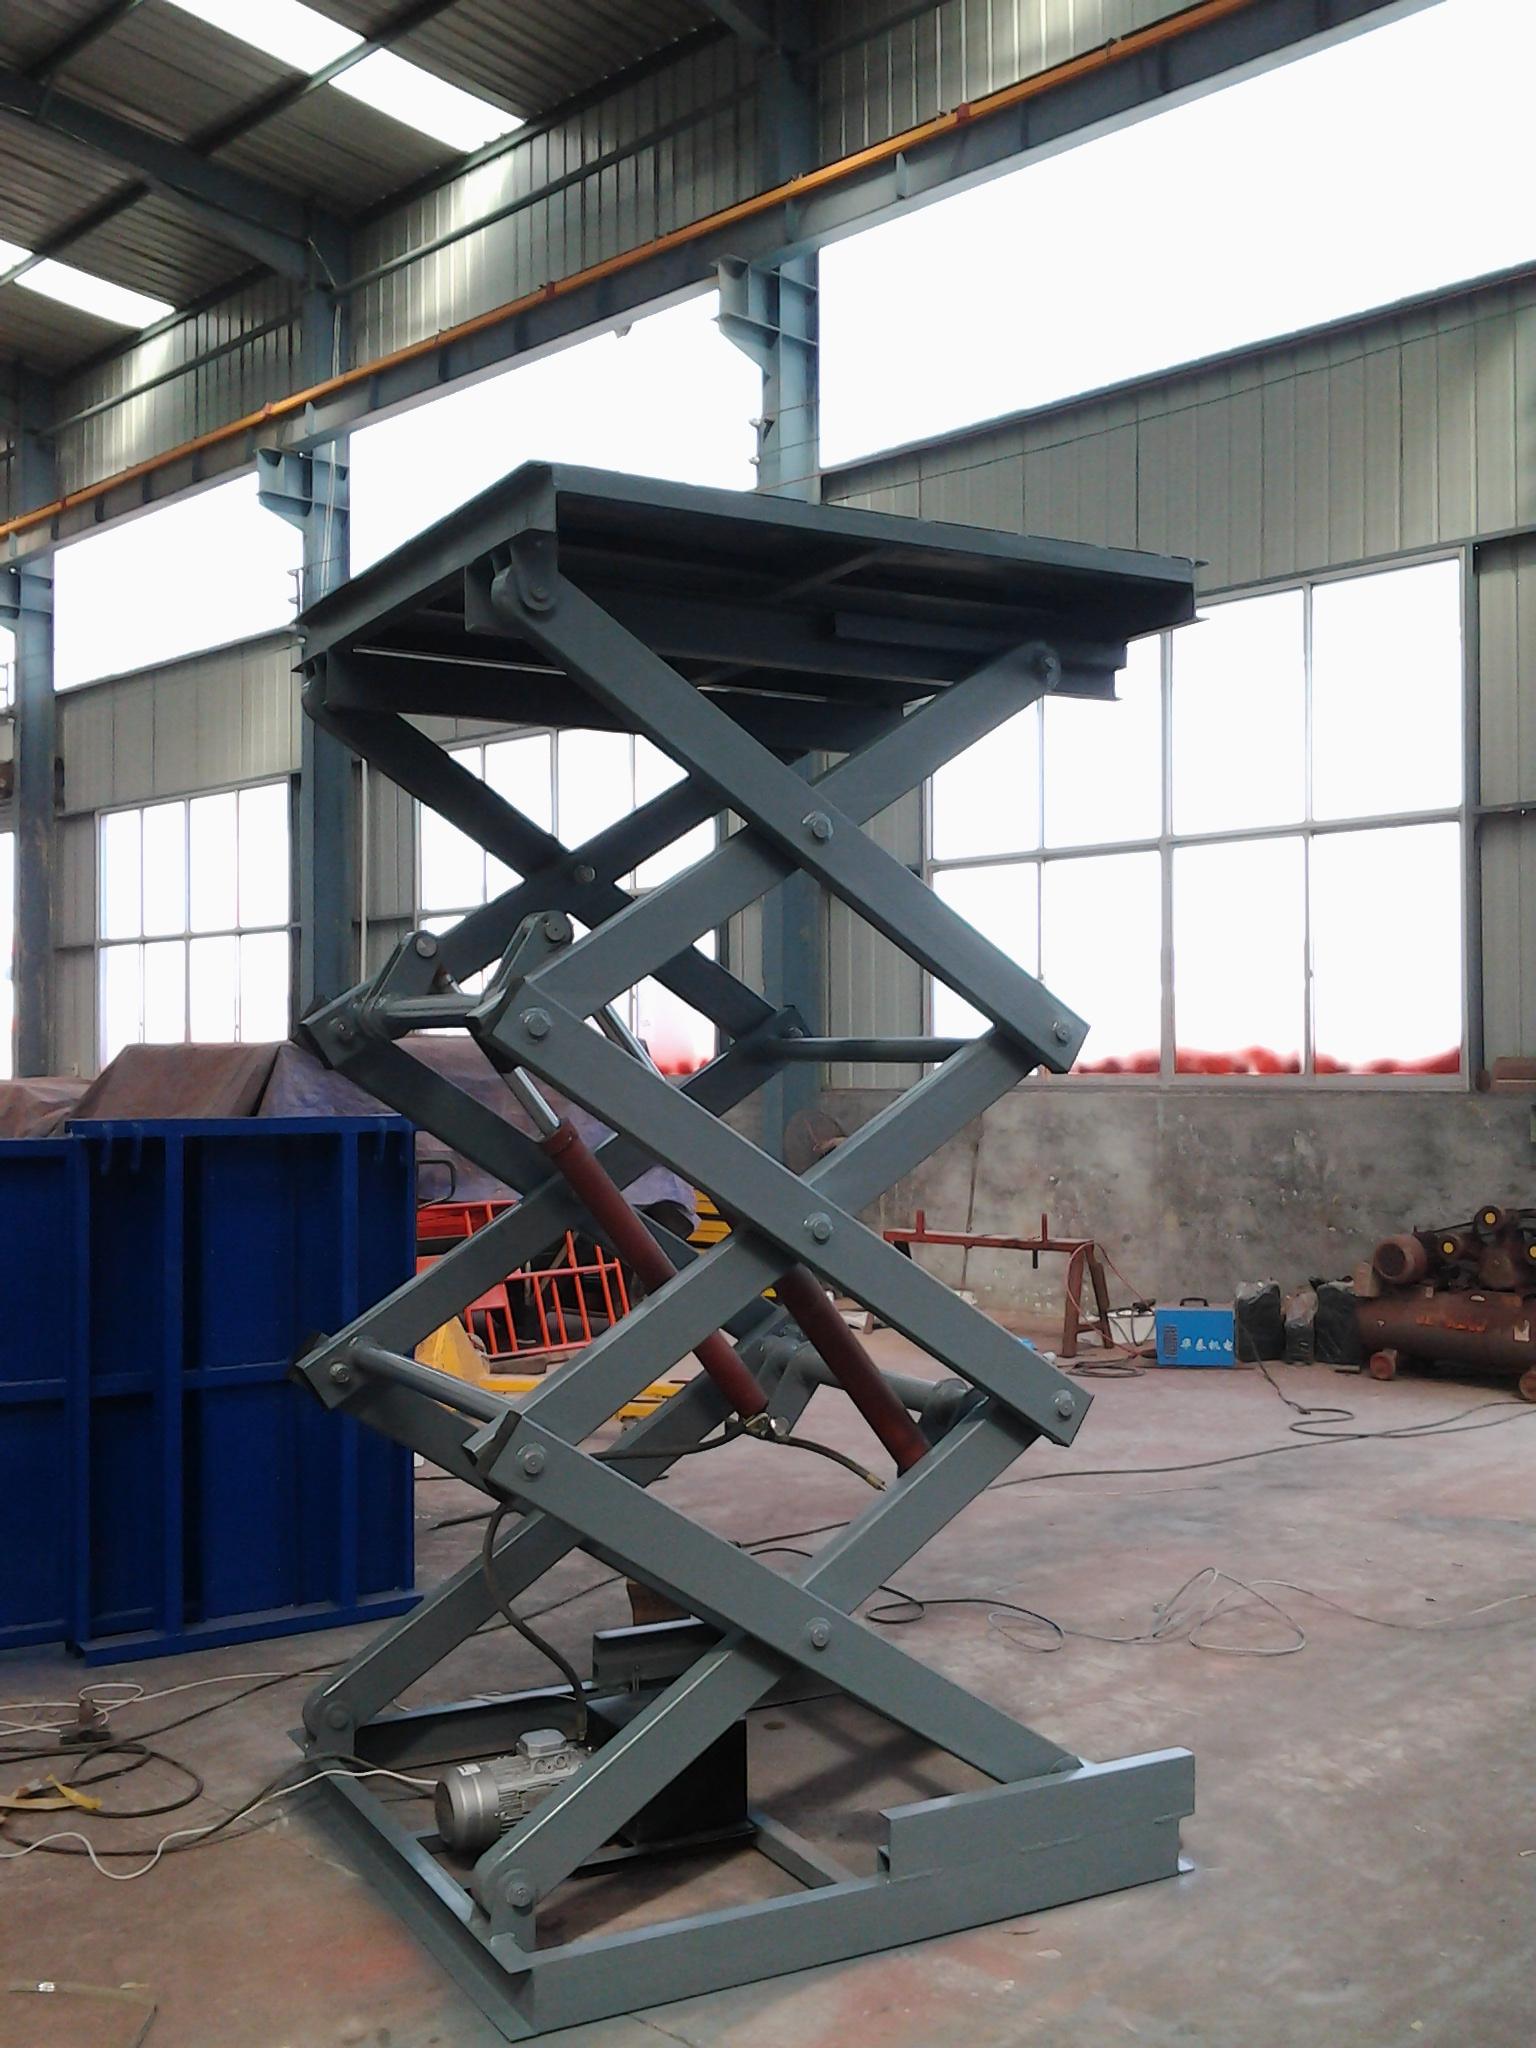 固定式升降机,是用于建筑物层高间运送货物的,专用液压升降机.图片